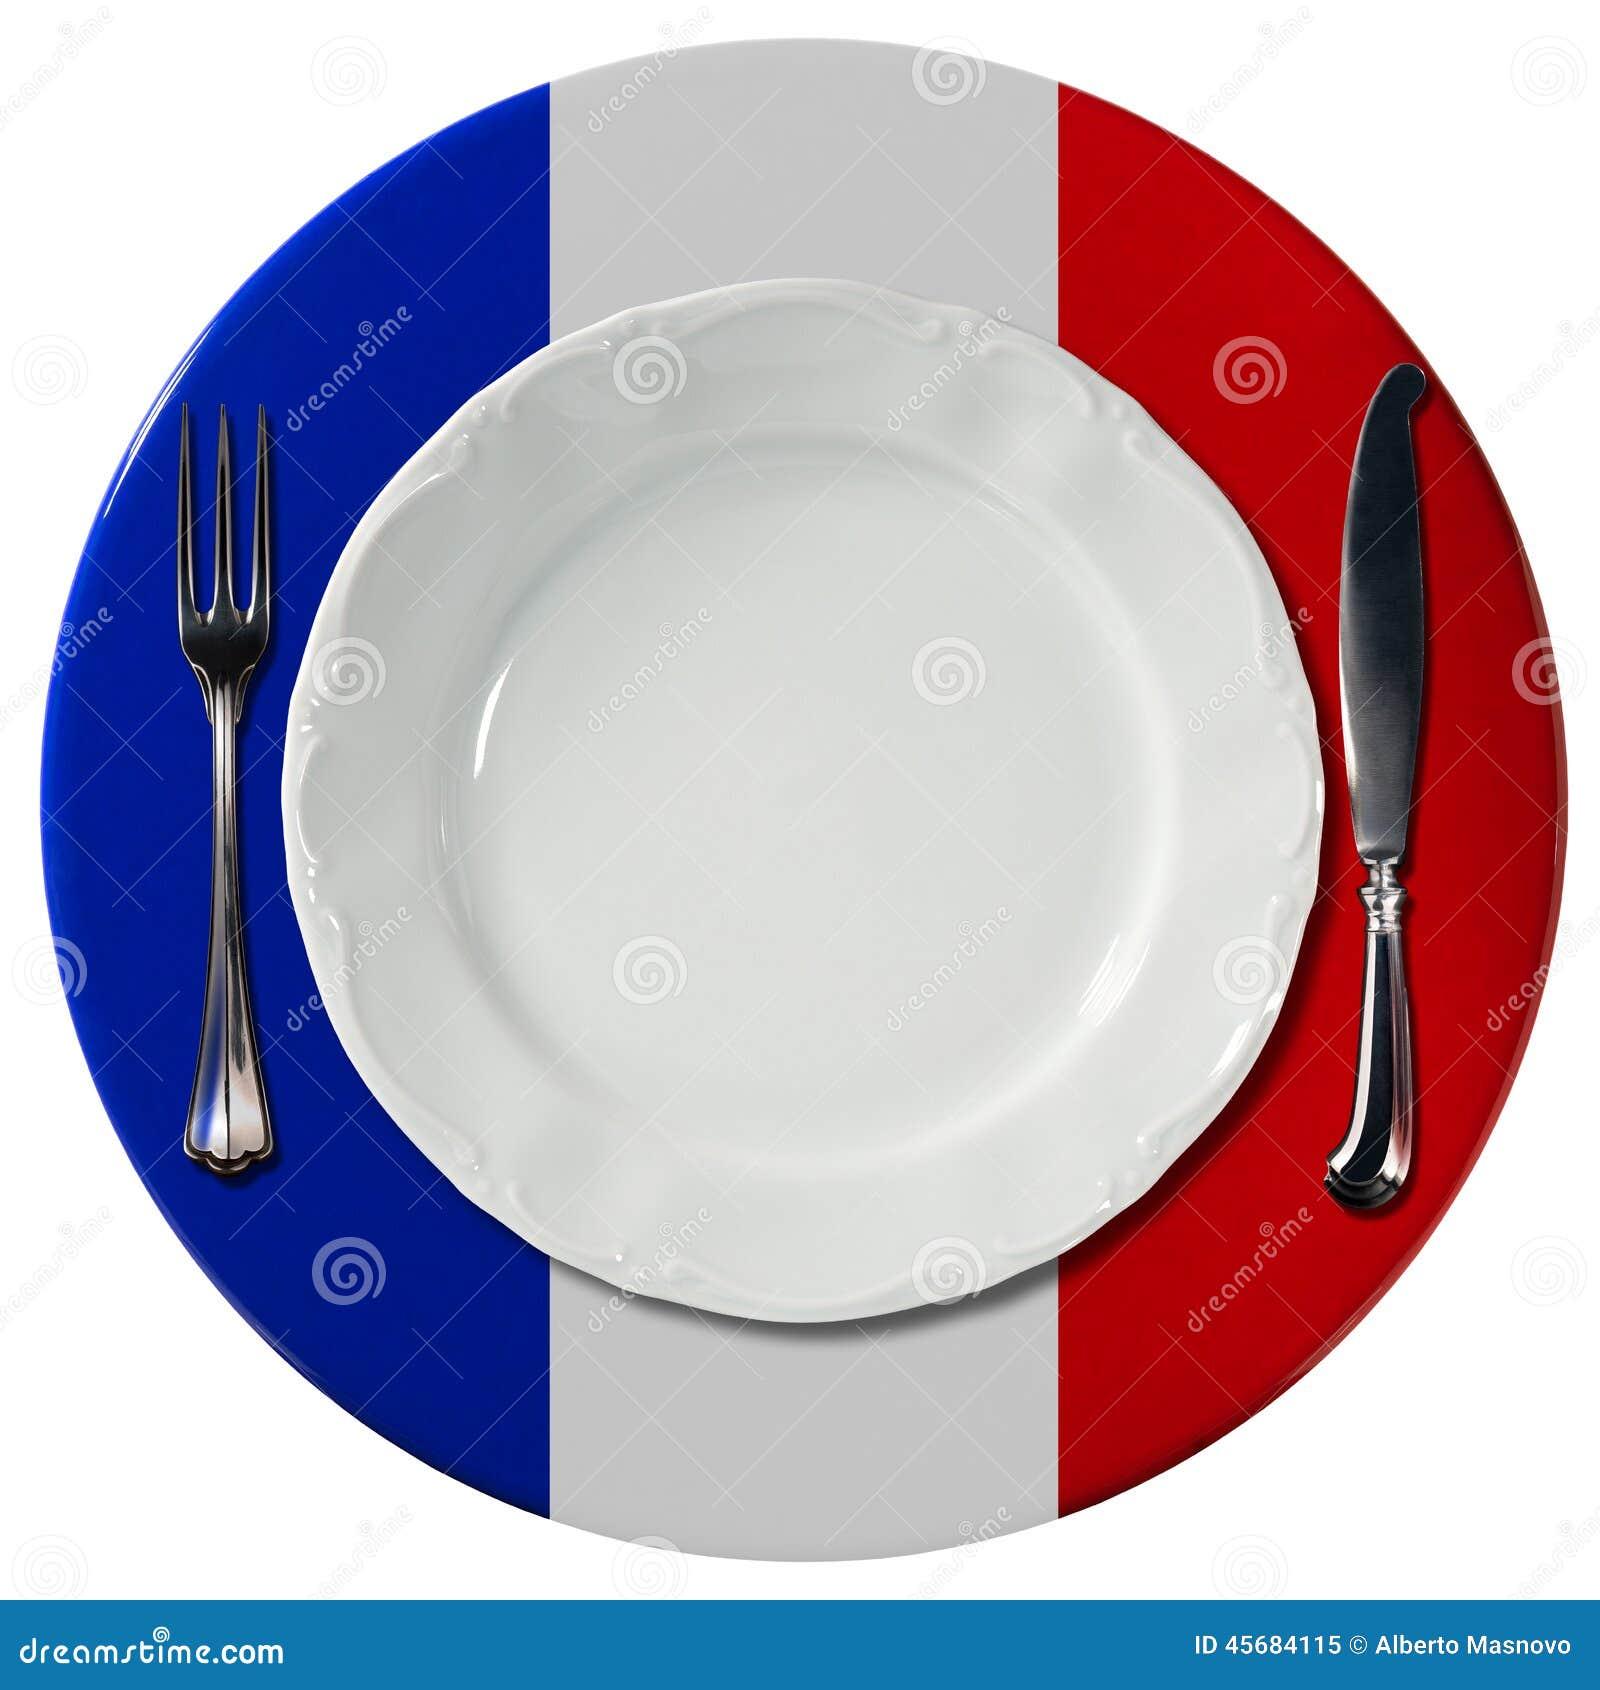 französische küche - platte und tischbesteck stock abbildung